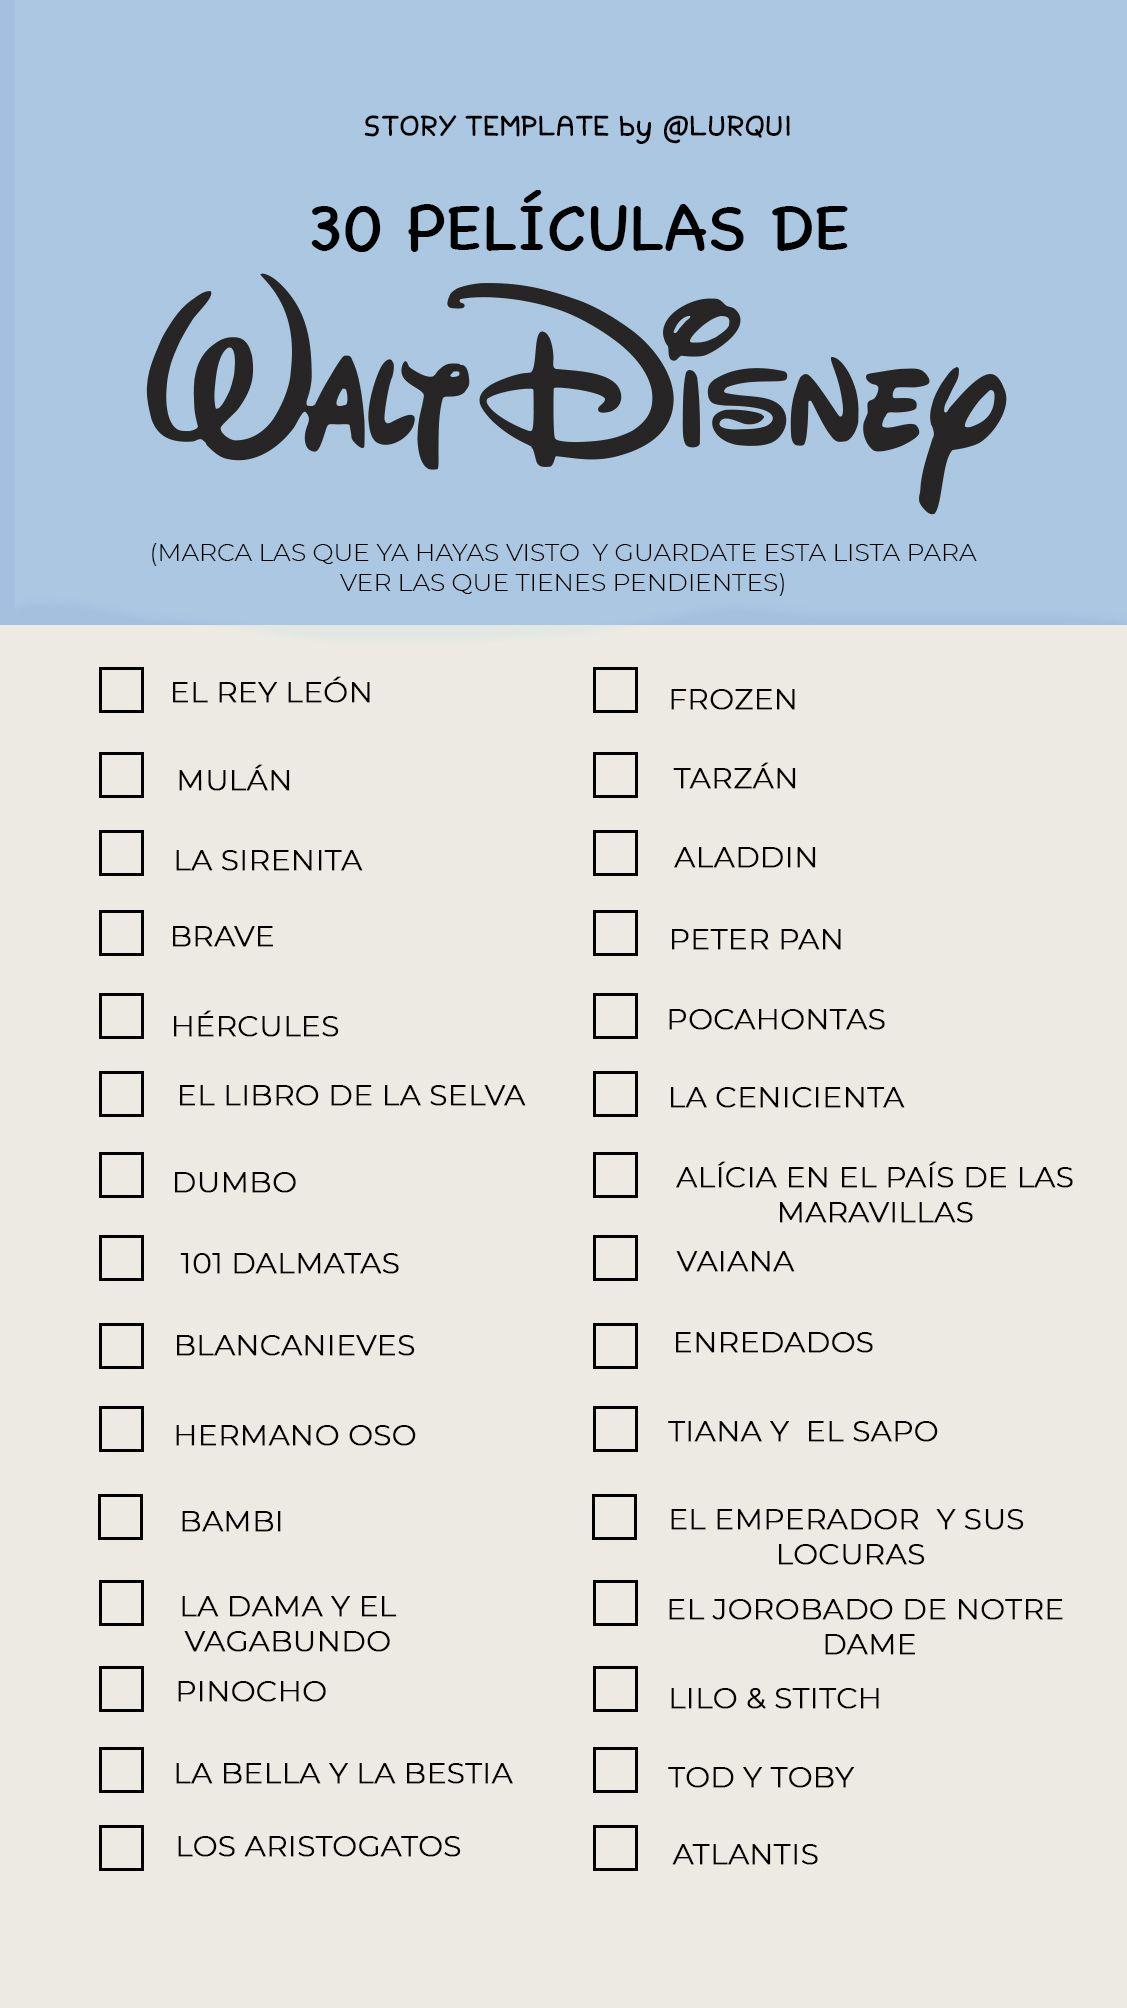 Plantillas | The checklist | Pinterest | Plantas, Retos y Disney